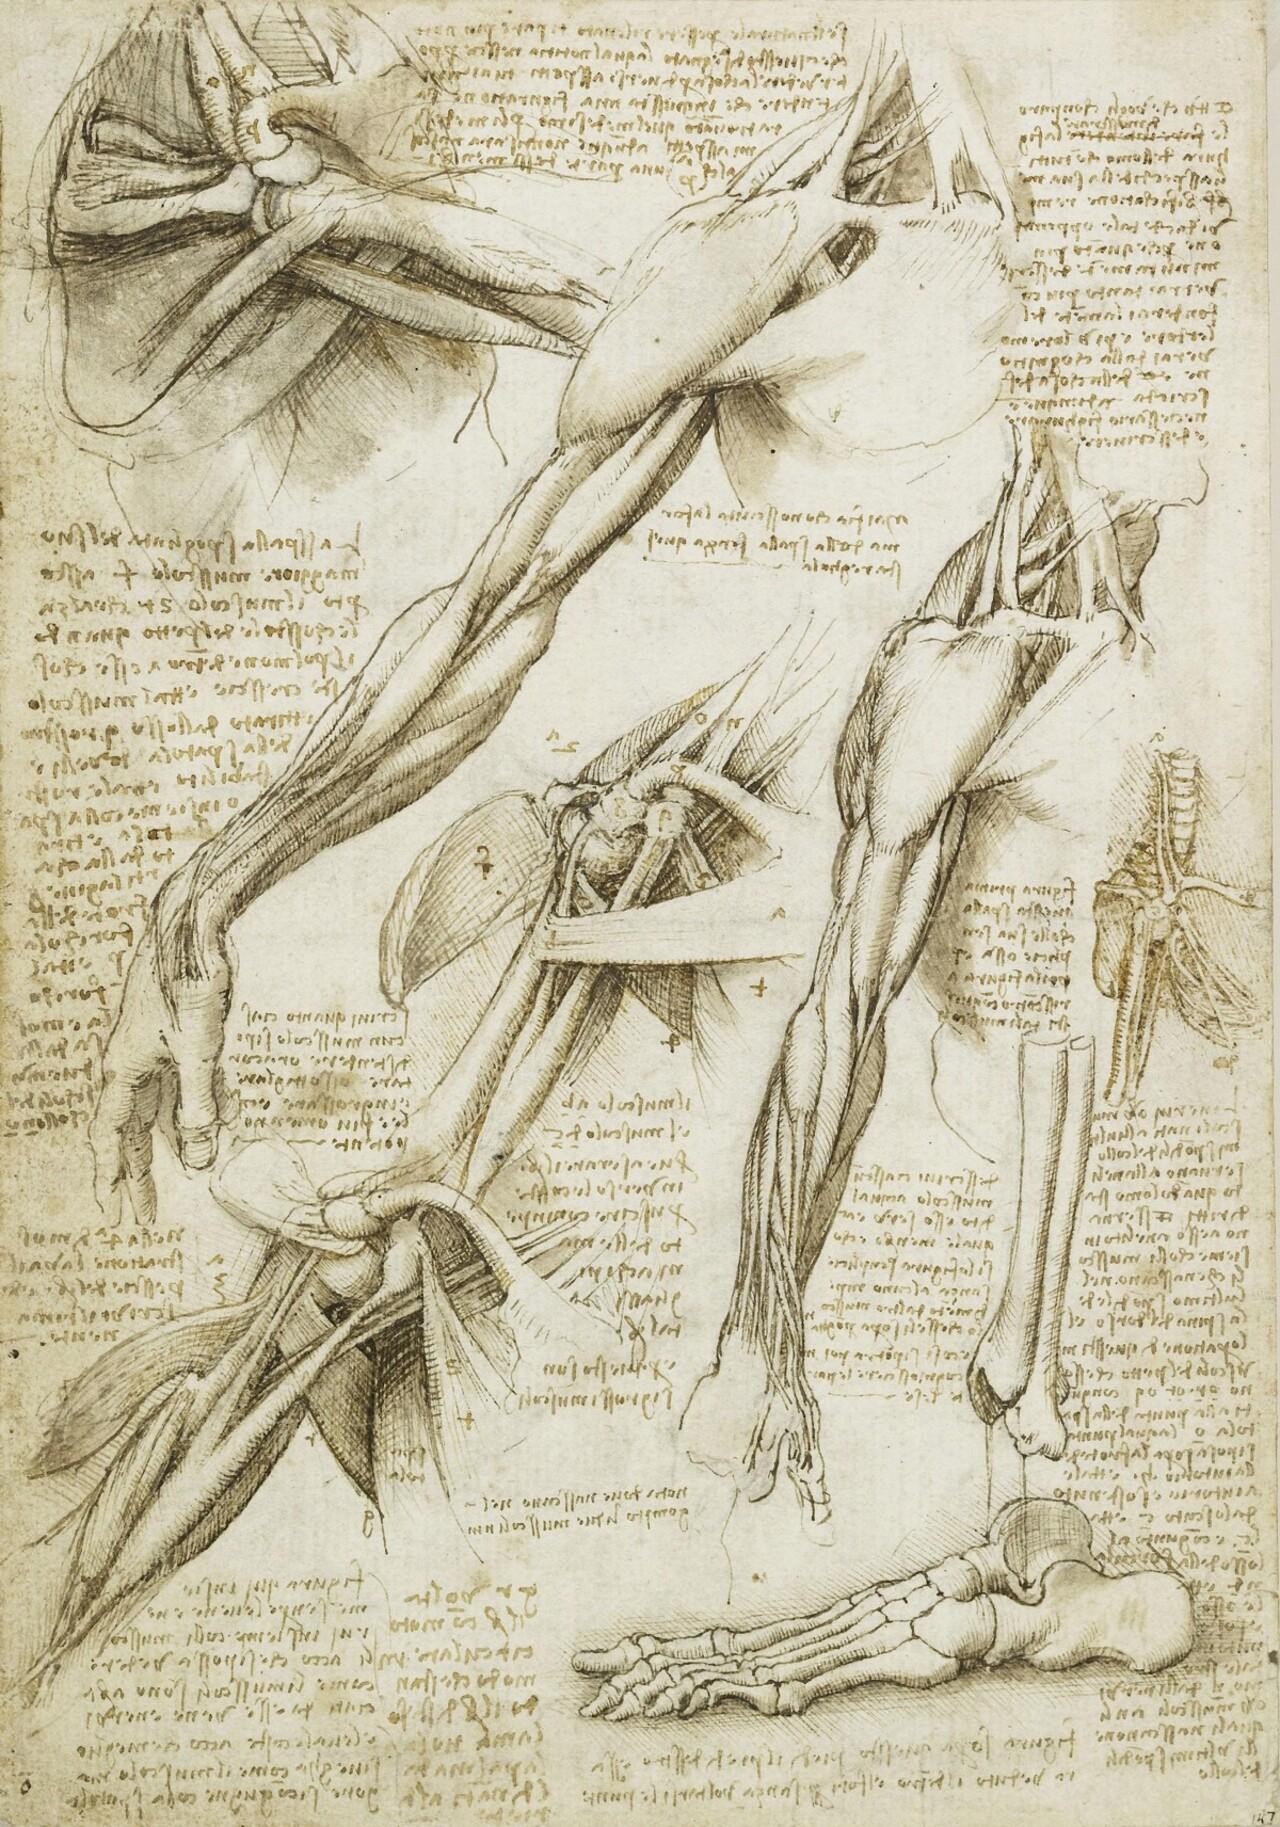 Một vài ghi chép của Leonardo về giải phẫu (nguồn: Medium)